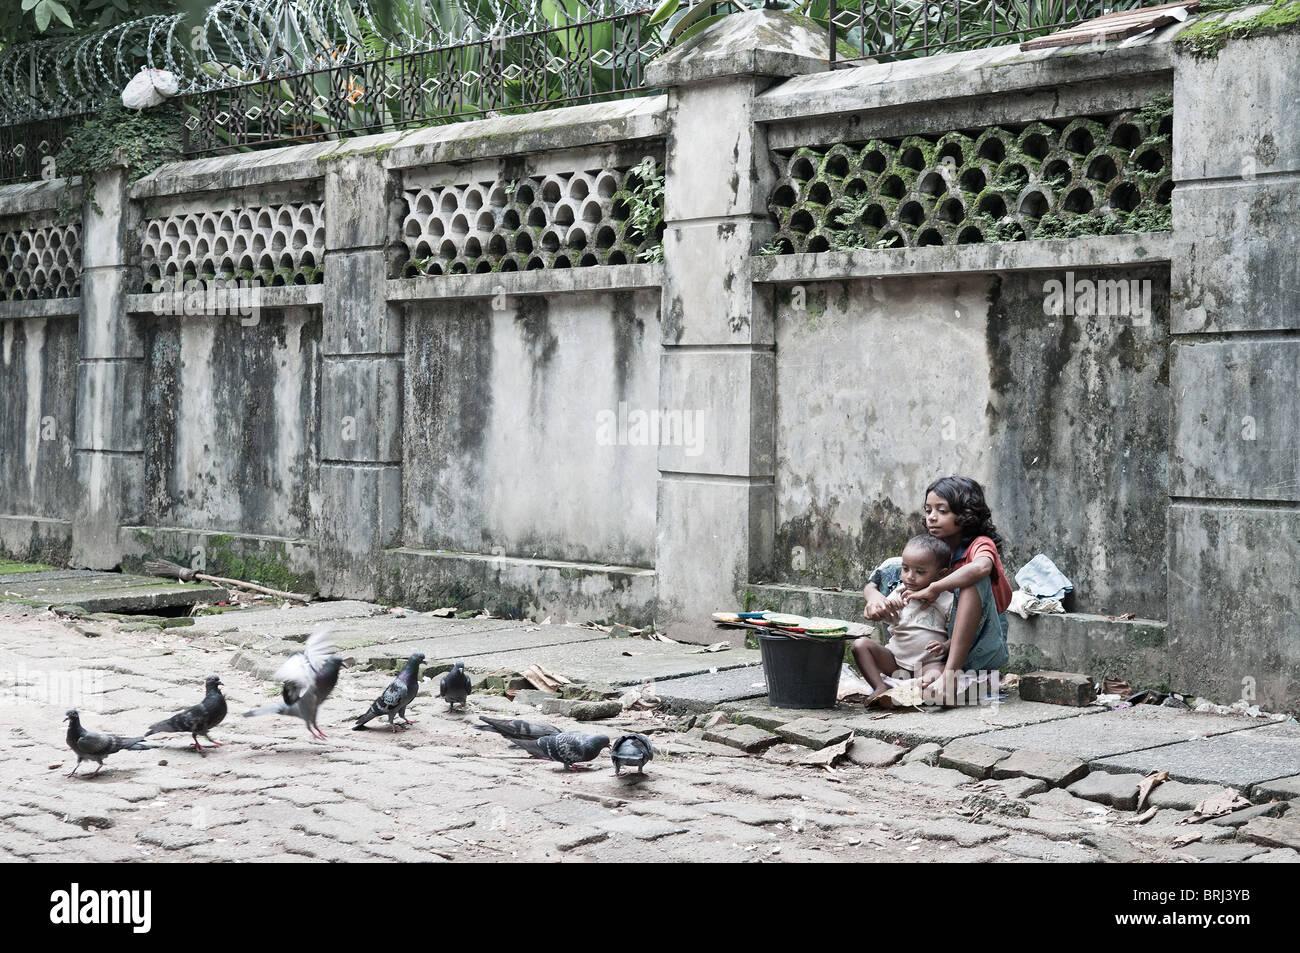 Les enfants de la pauvreté sur les enfants dans les rues de Rangoon Birmanie Asie Yangon Photo Stock